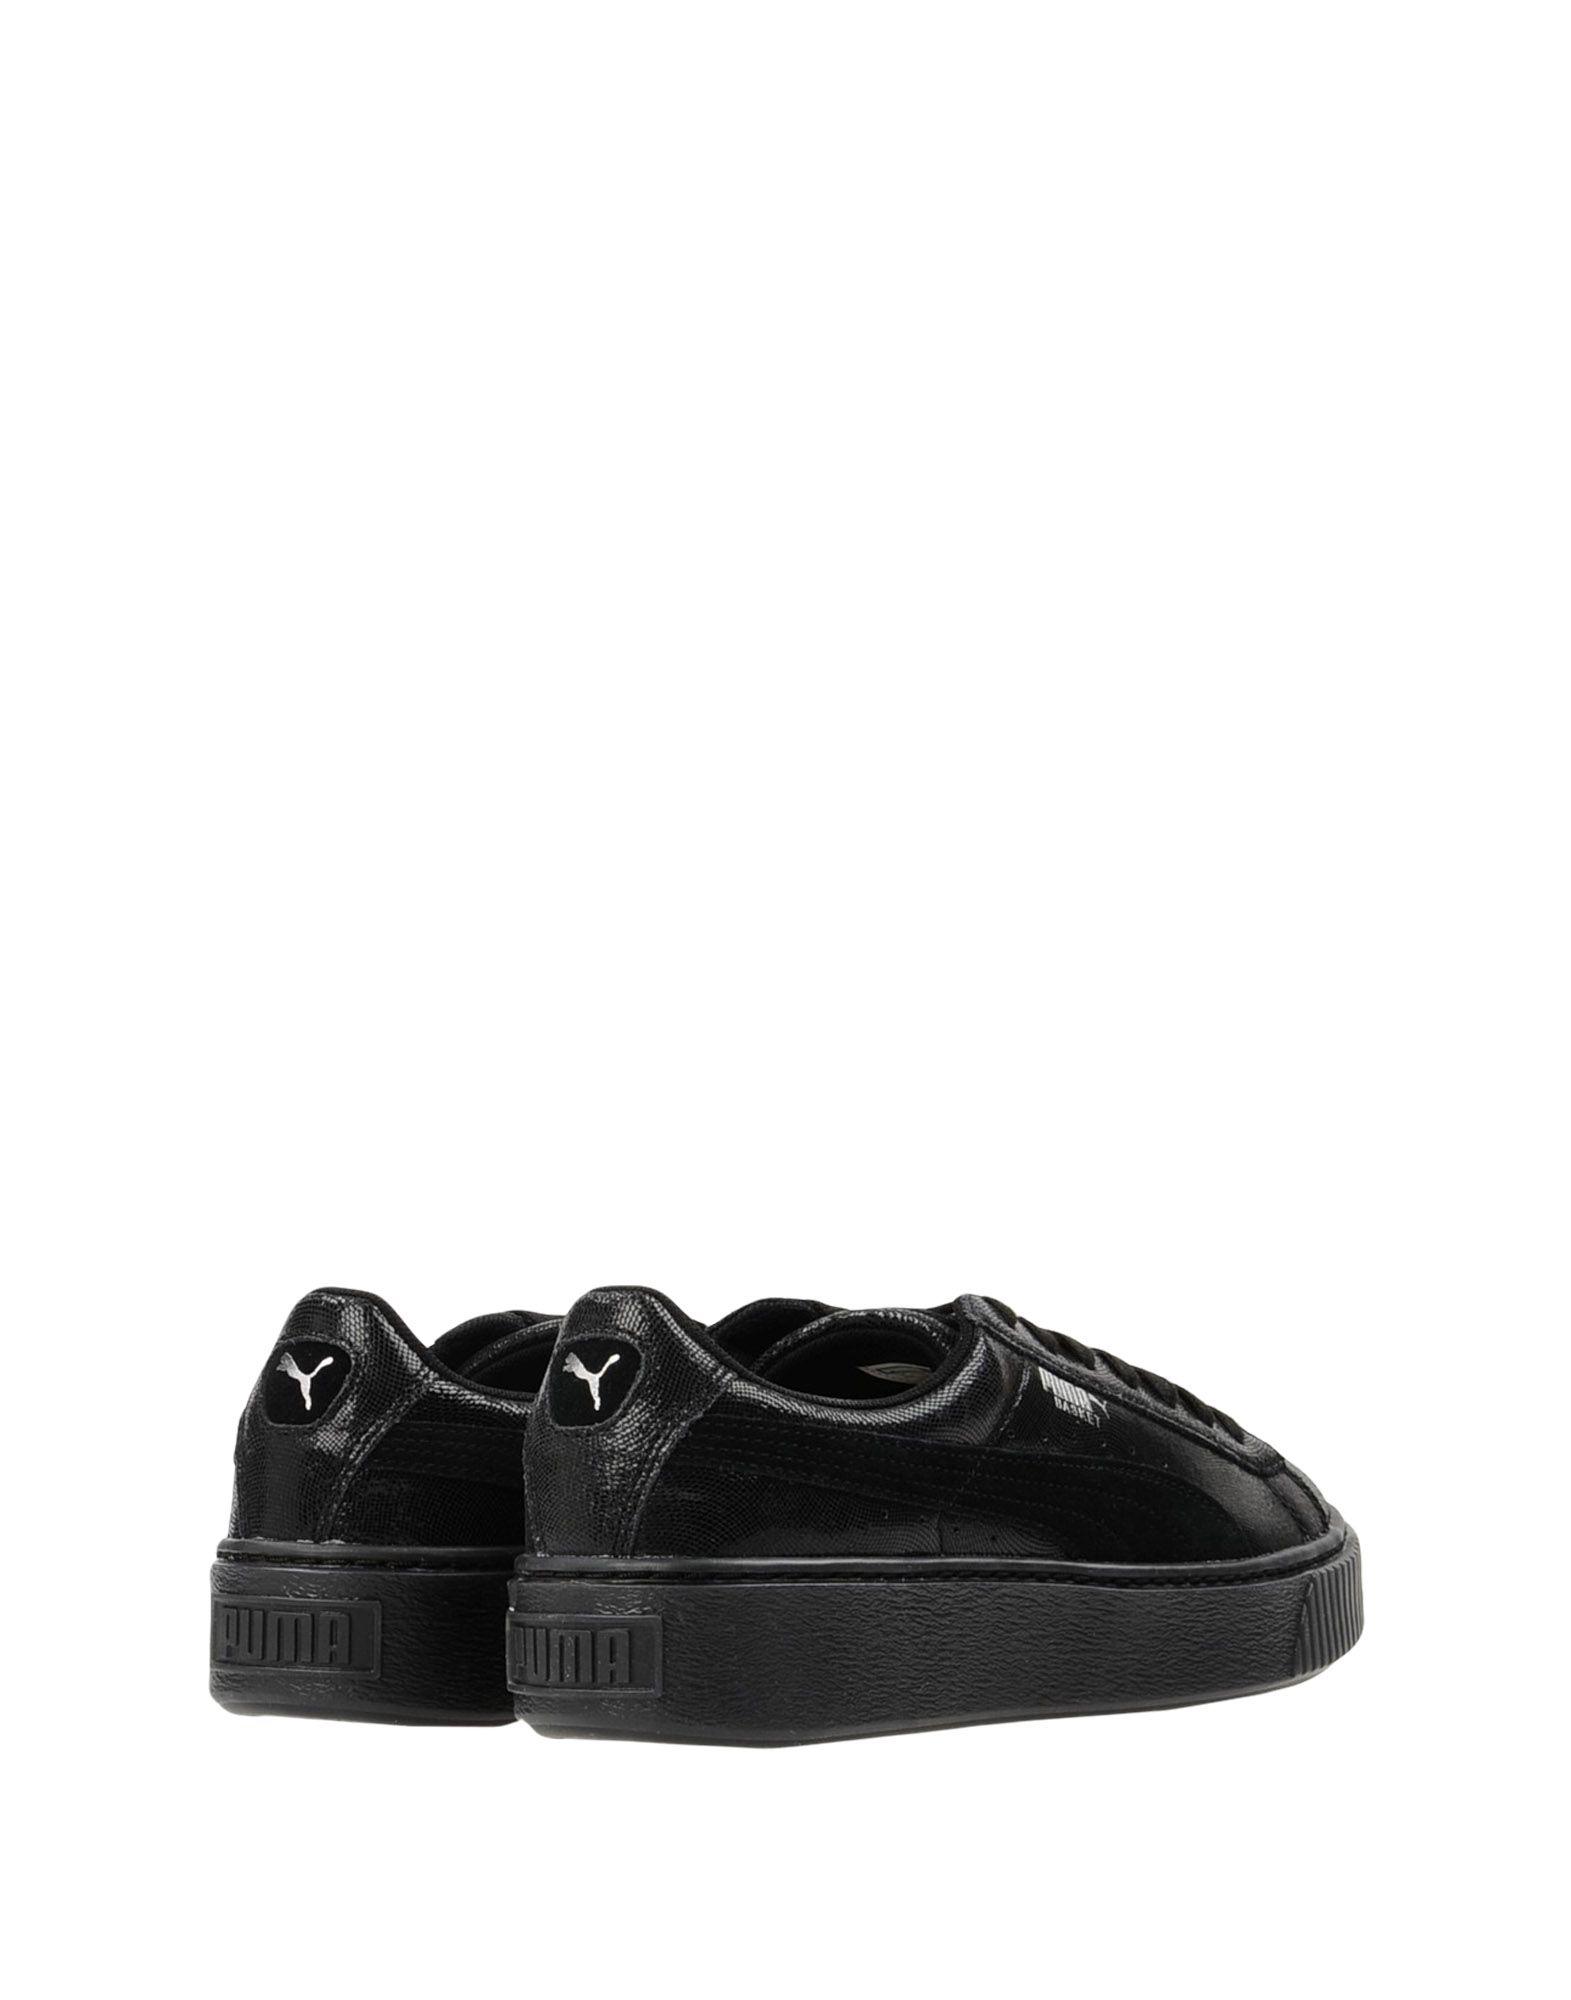 Puma 11394407NP Basket Platform Ns Wn's  11394407NP Puma Gute Qualität beliebte Schuhe 279475